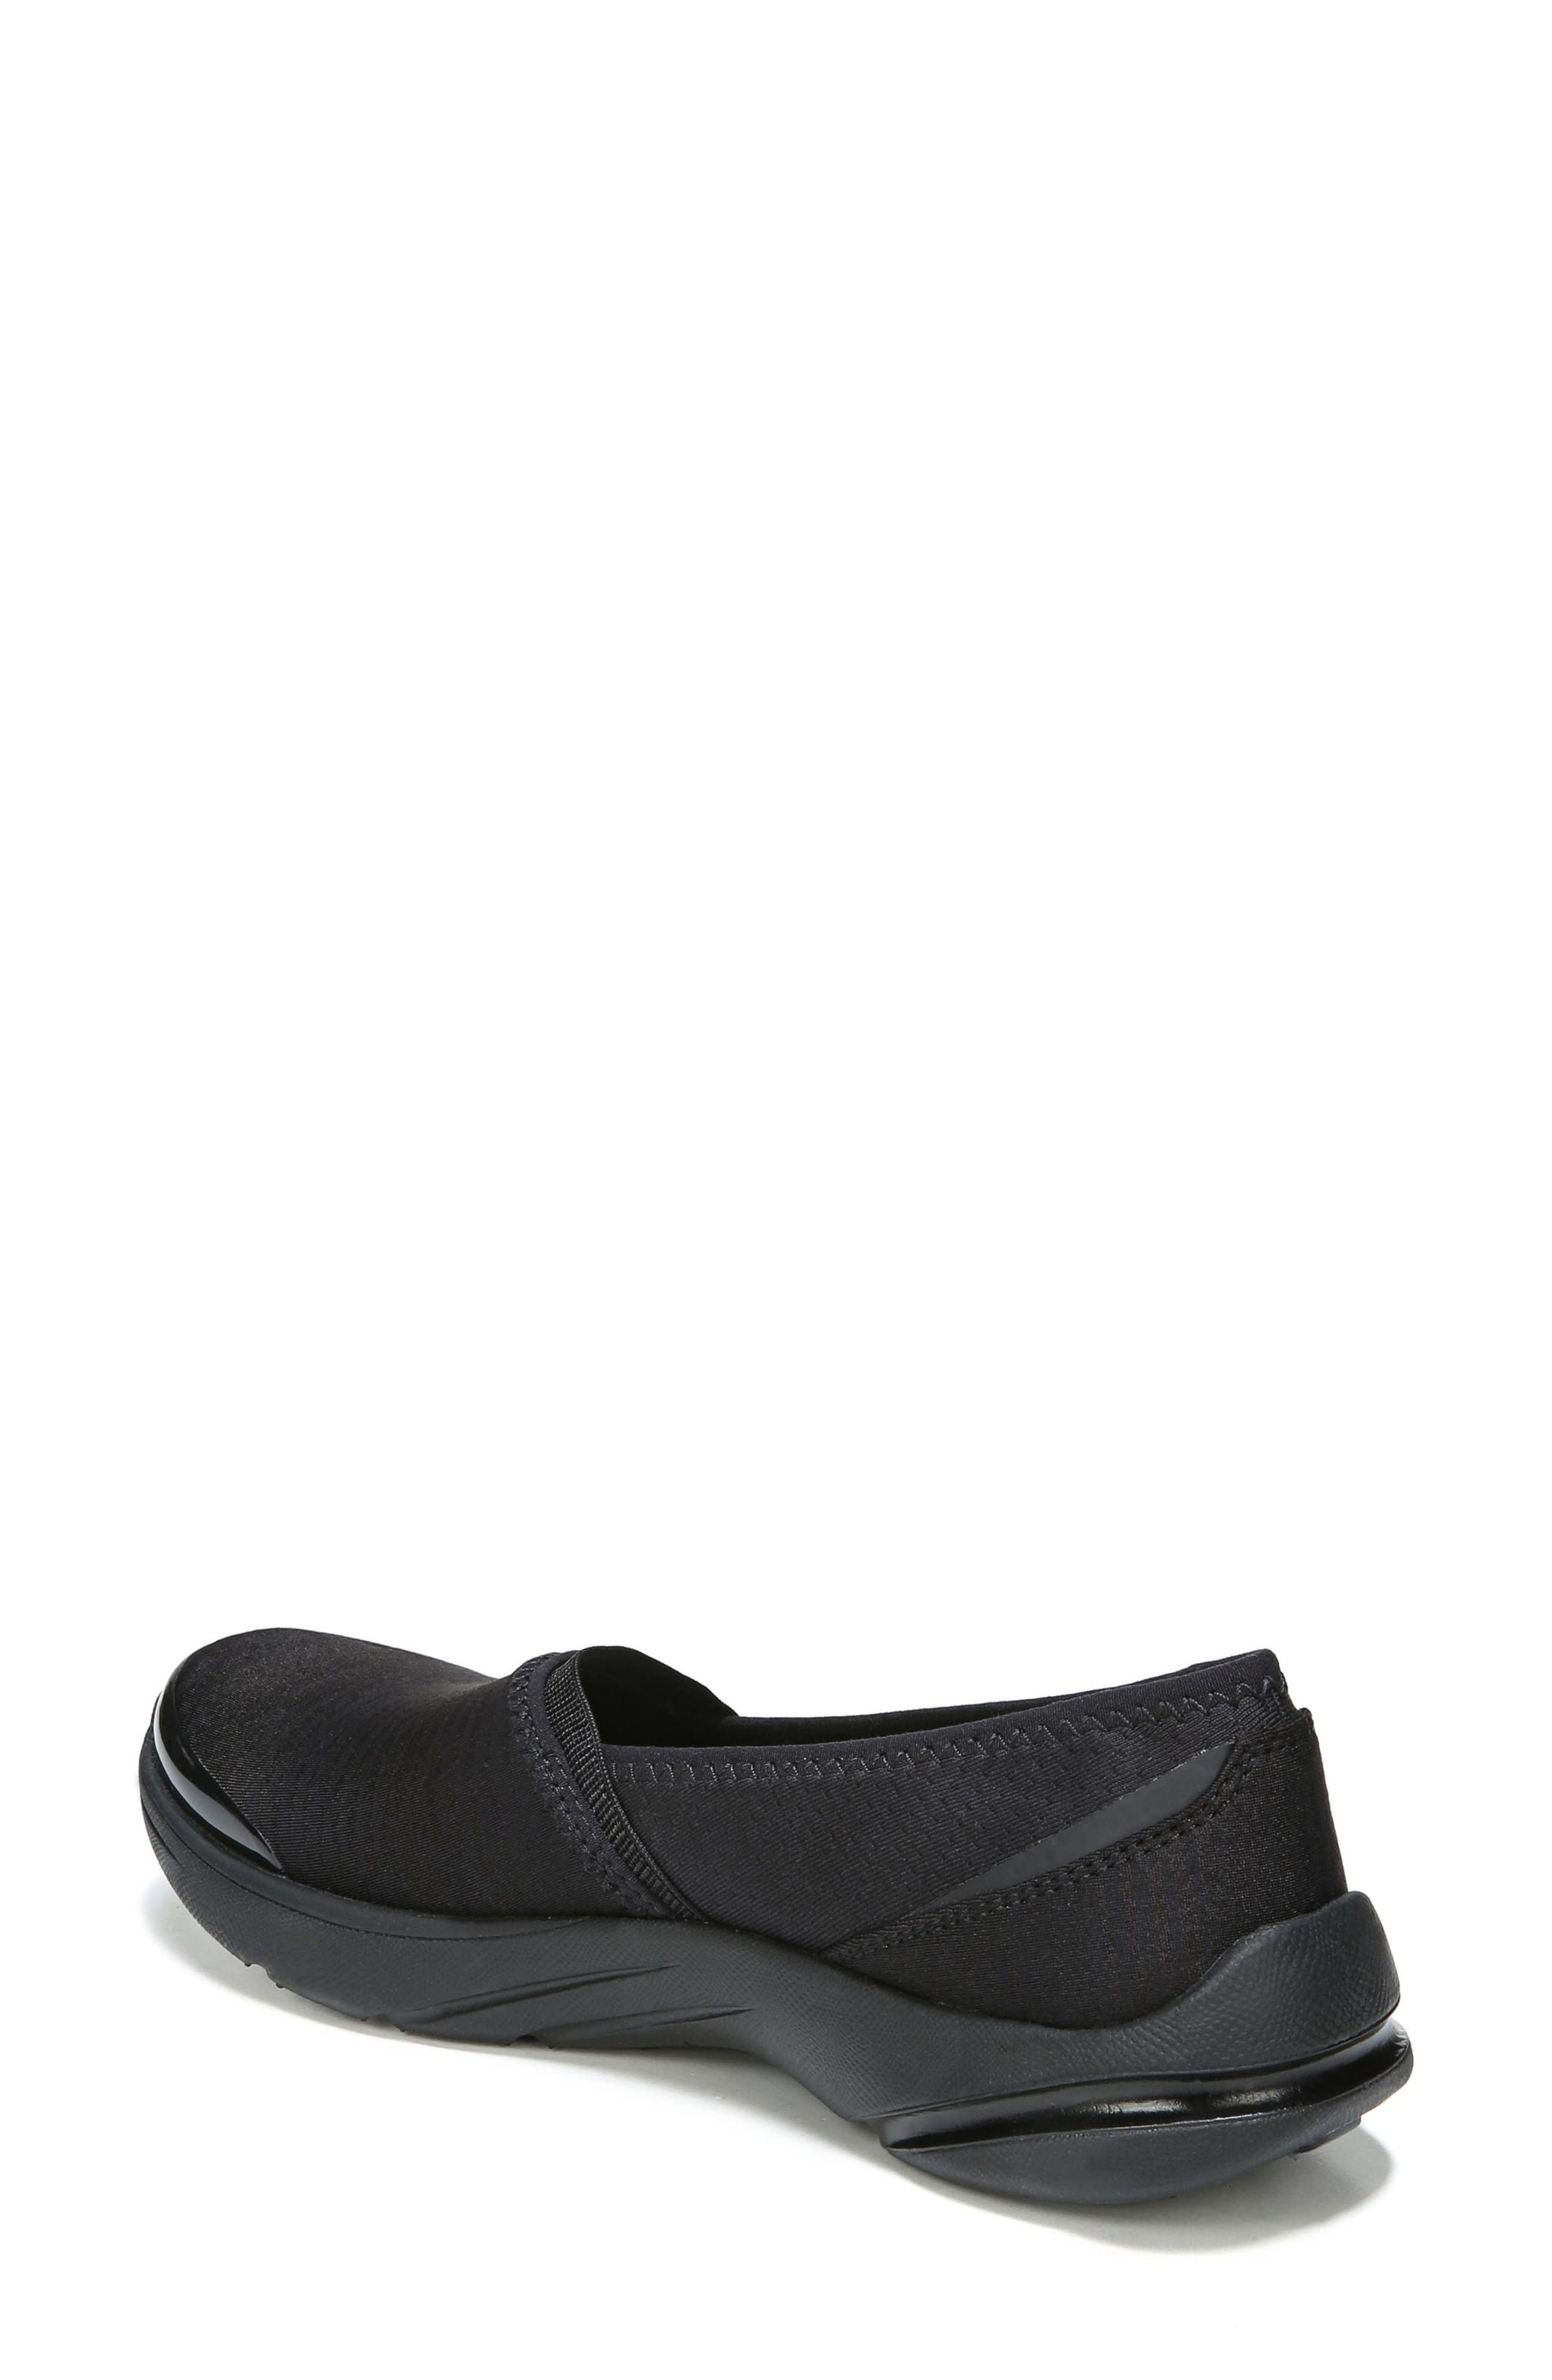 Lollipop Slip-On Sneaker,                             Alternate thumbnail 2, color,                             BLACK FABRIC